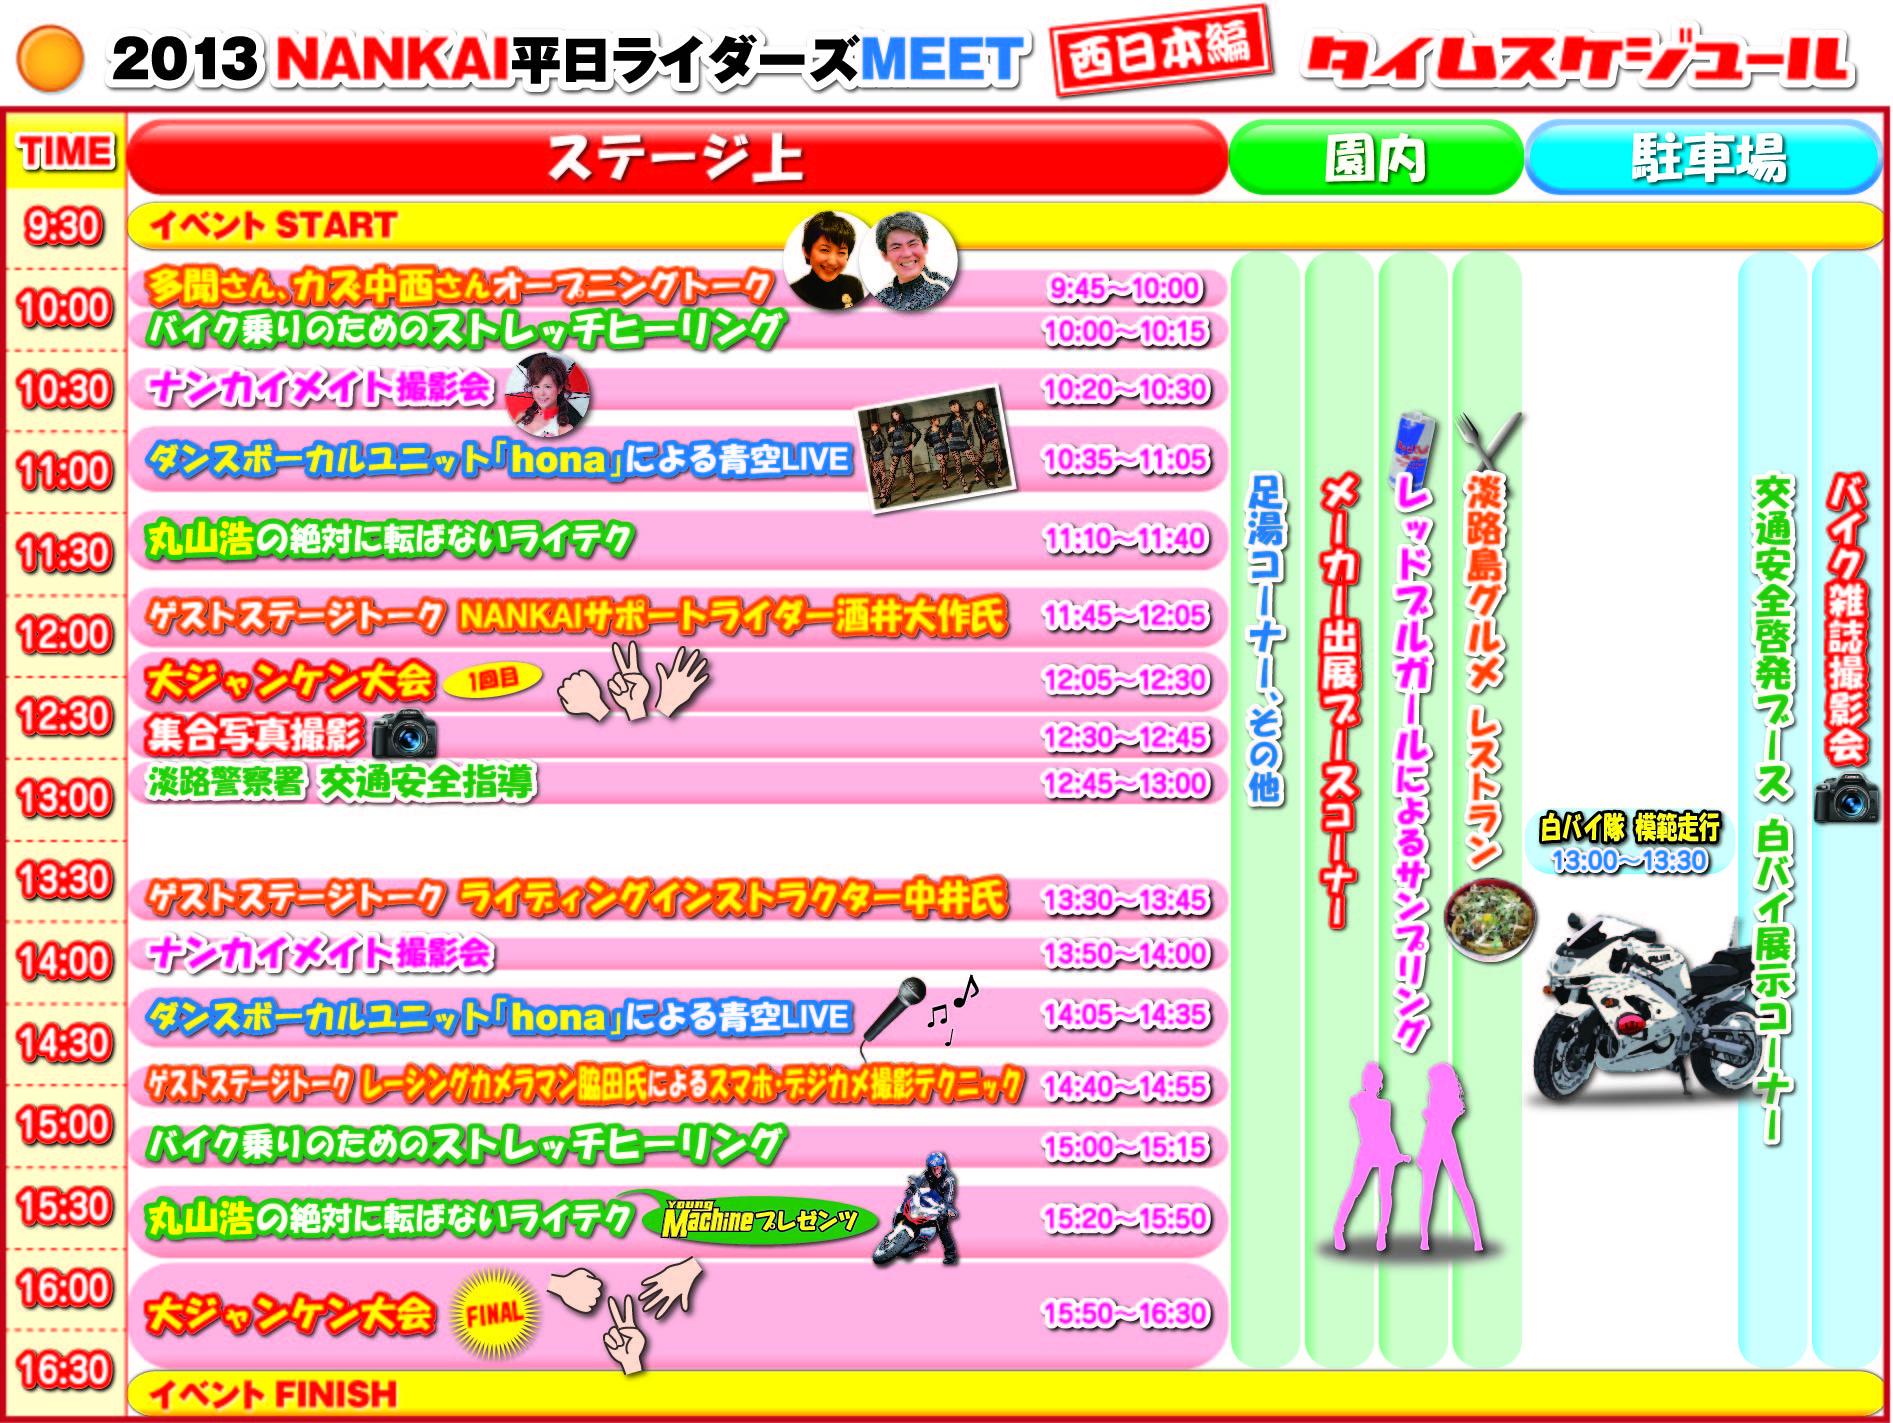 2013.5.28_nankai